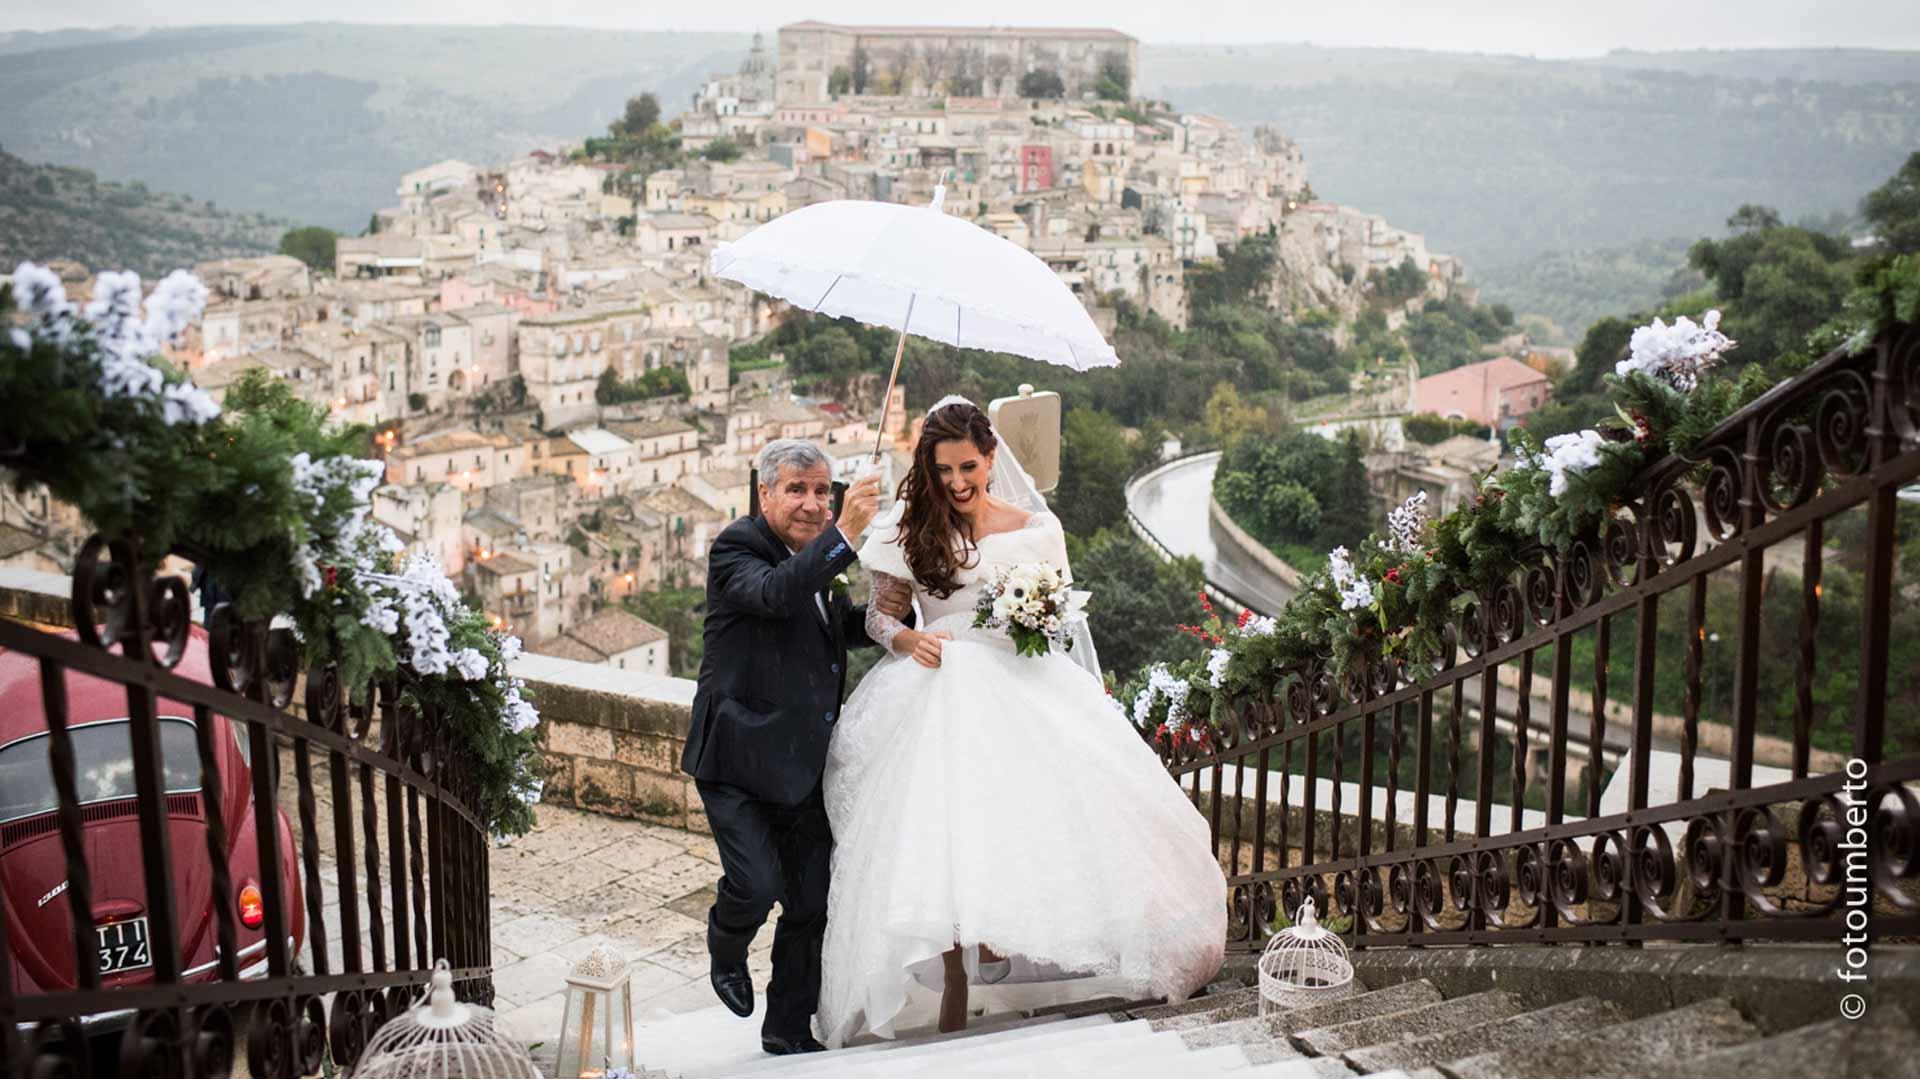 fotografo per matrimoni ed eventi a siracusa, studio fotografico a ragusa, fotografi per nozze ragusa